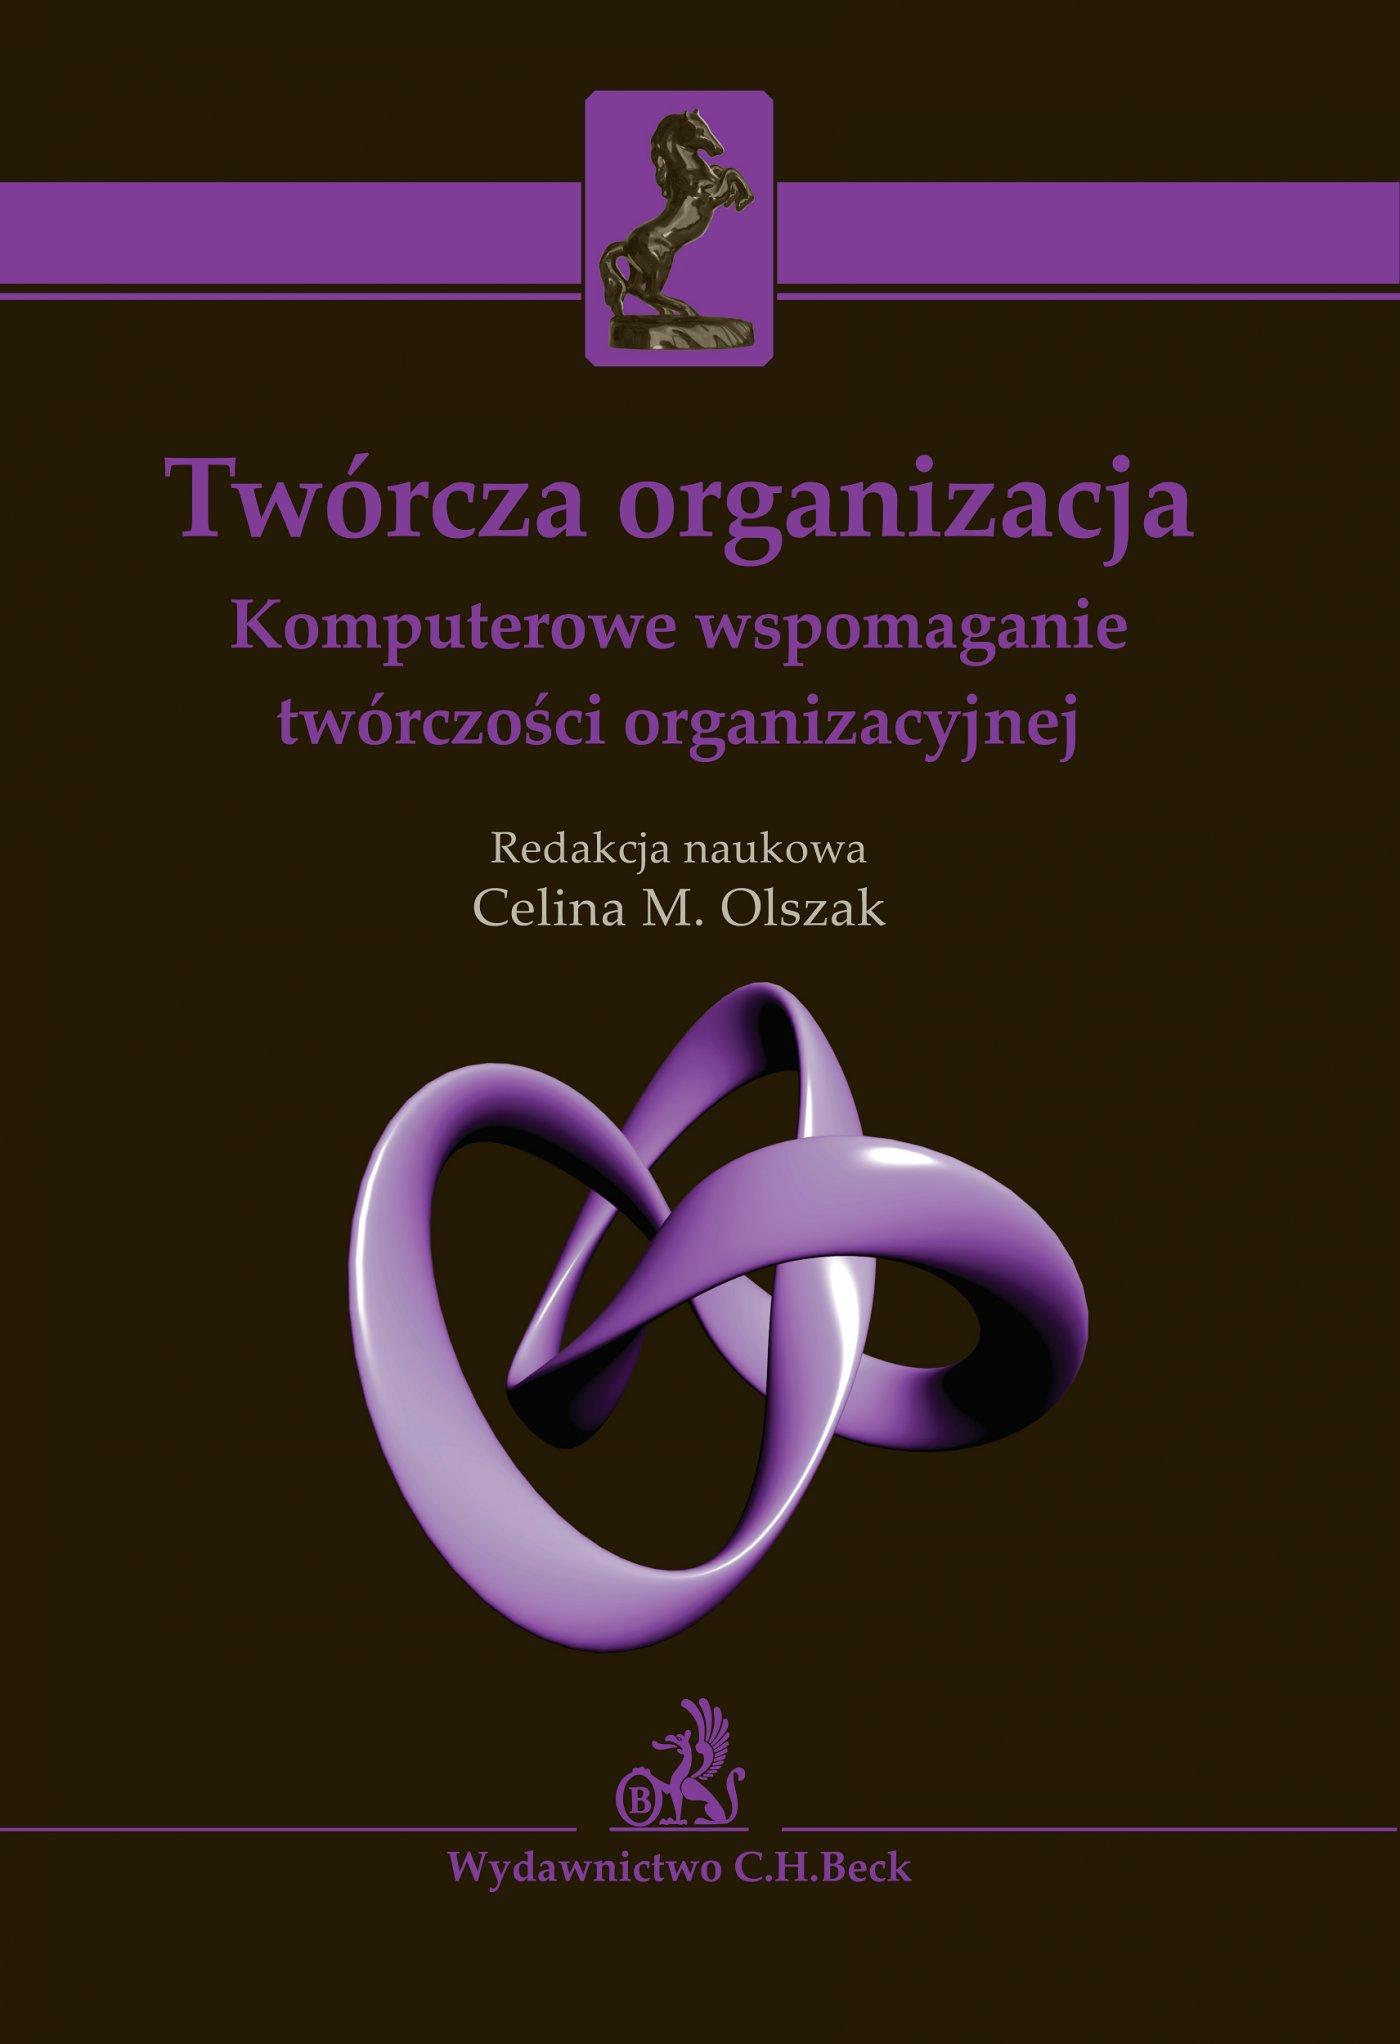 Twórcza organizacja. Komputerowe wspomaganie twórczości organizacyjnej - Ebook (Książka PDF) do pobrania w formacie PDF